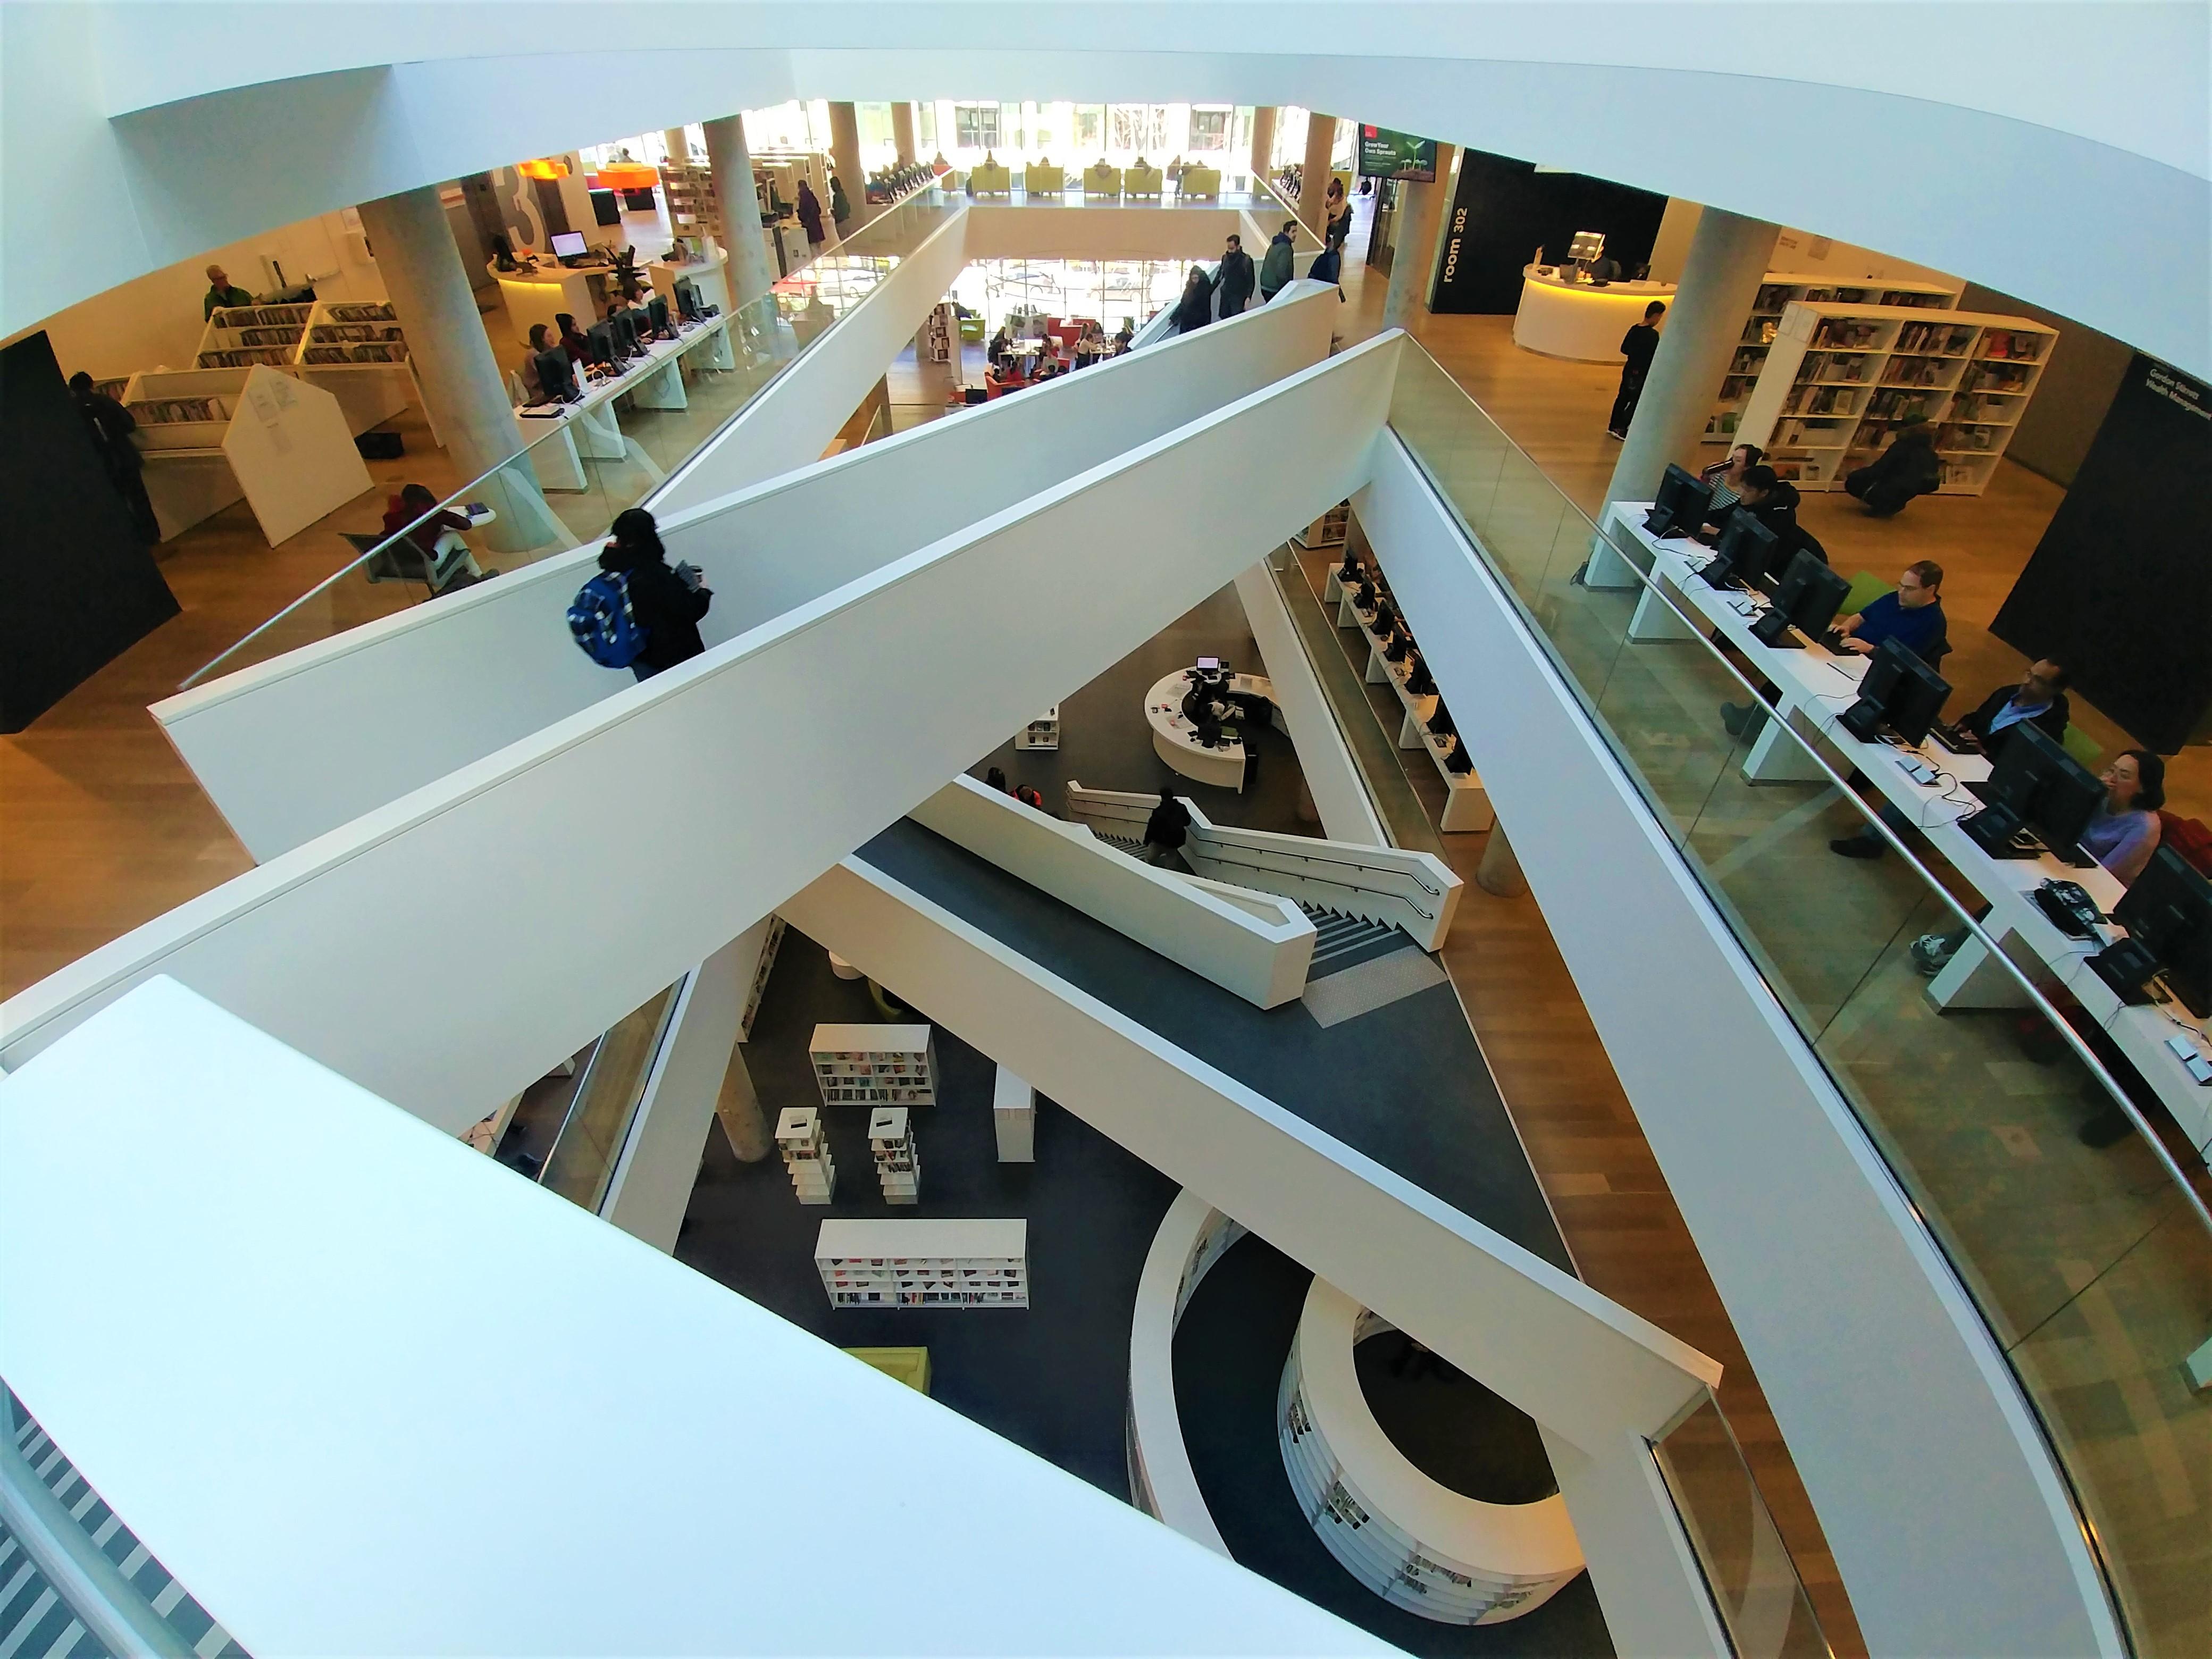 Halifax que voir bibliotheque architecture escapade nouvelle-ecosse blog voyage road-trip arpenter le chemin